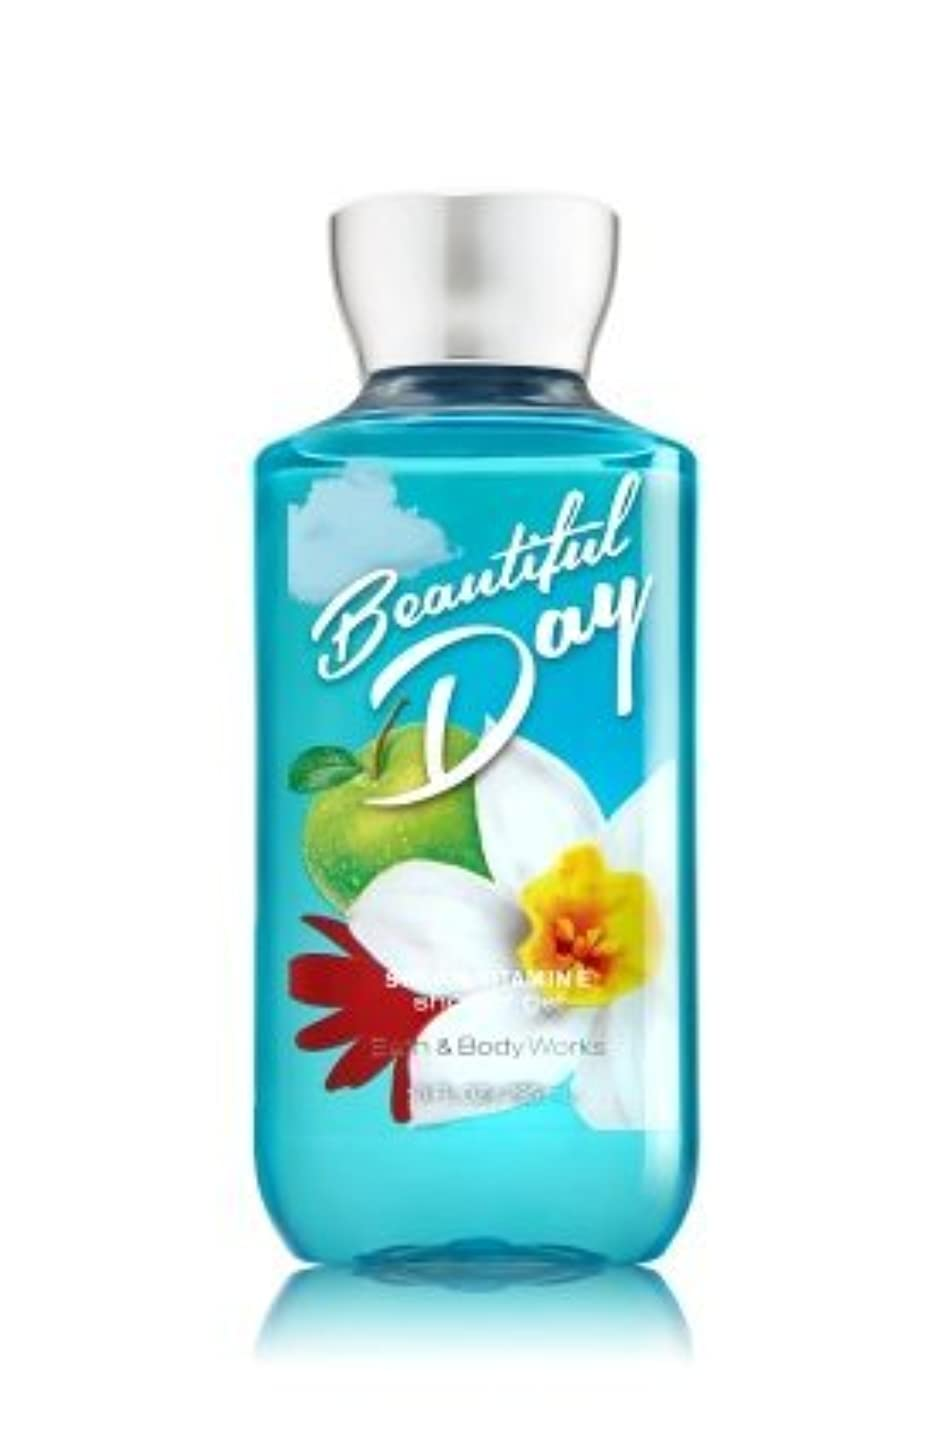 ラッチ不良赤外線【Bath&Body Works/バス&ボディワークス】 シャワージェル ビューティフルデイ Shower Gel Beautiful Day 10 fl oz / 295 mL [並行輸入品]